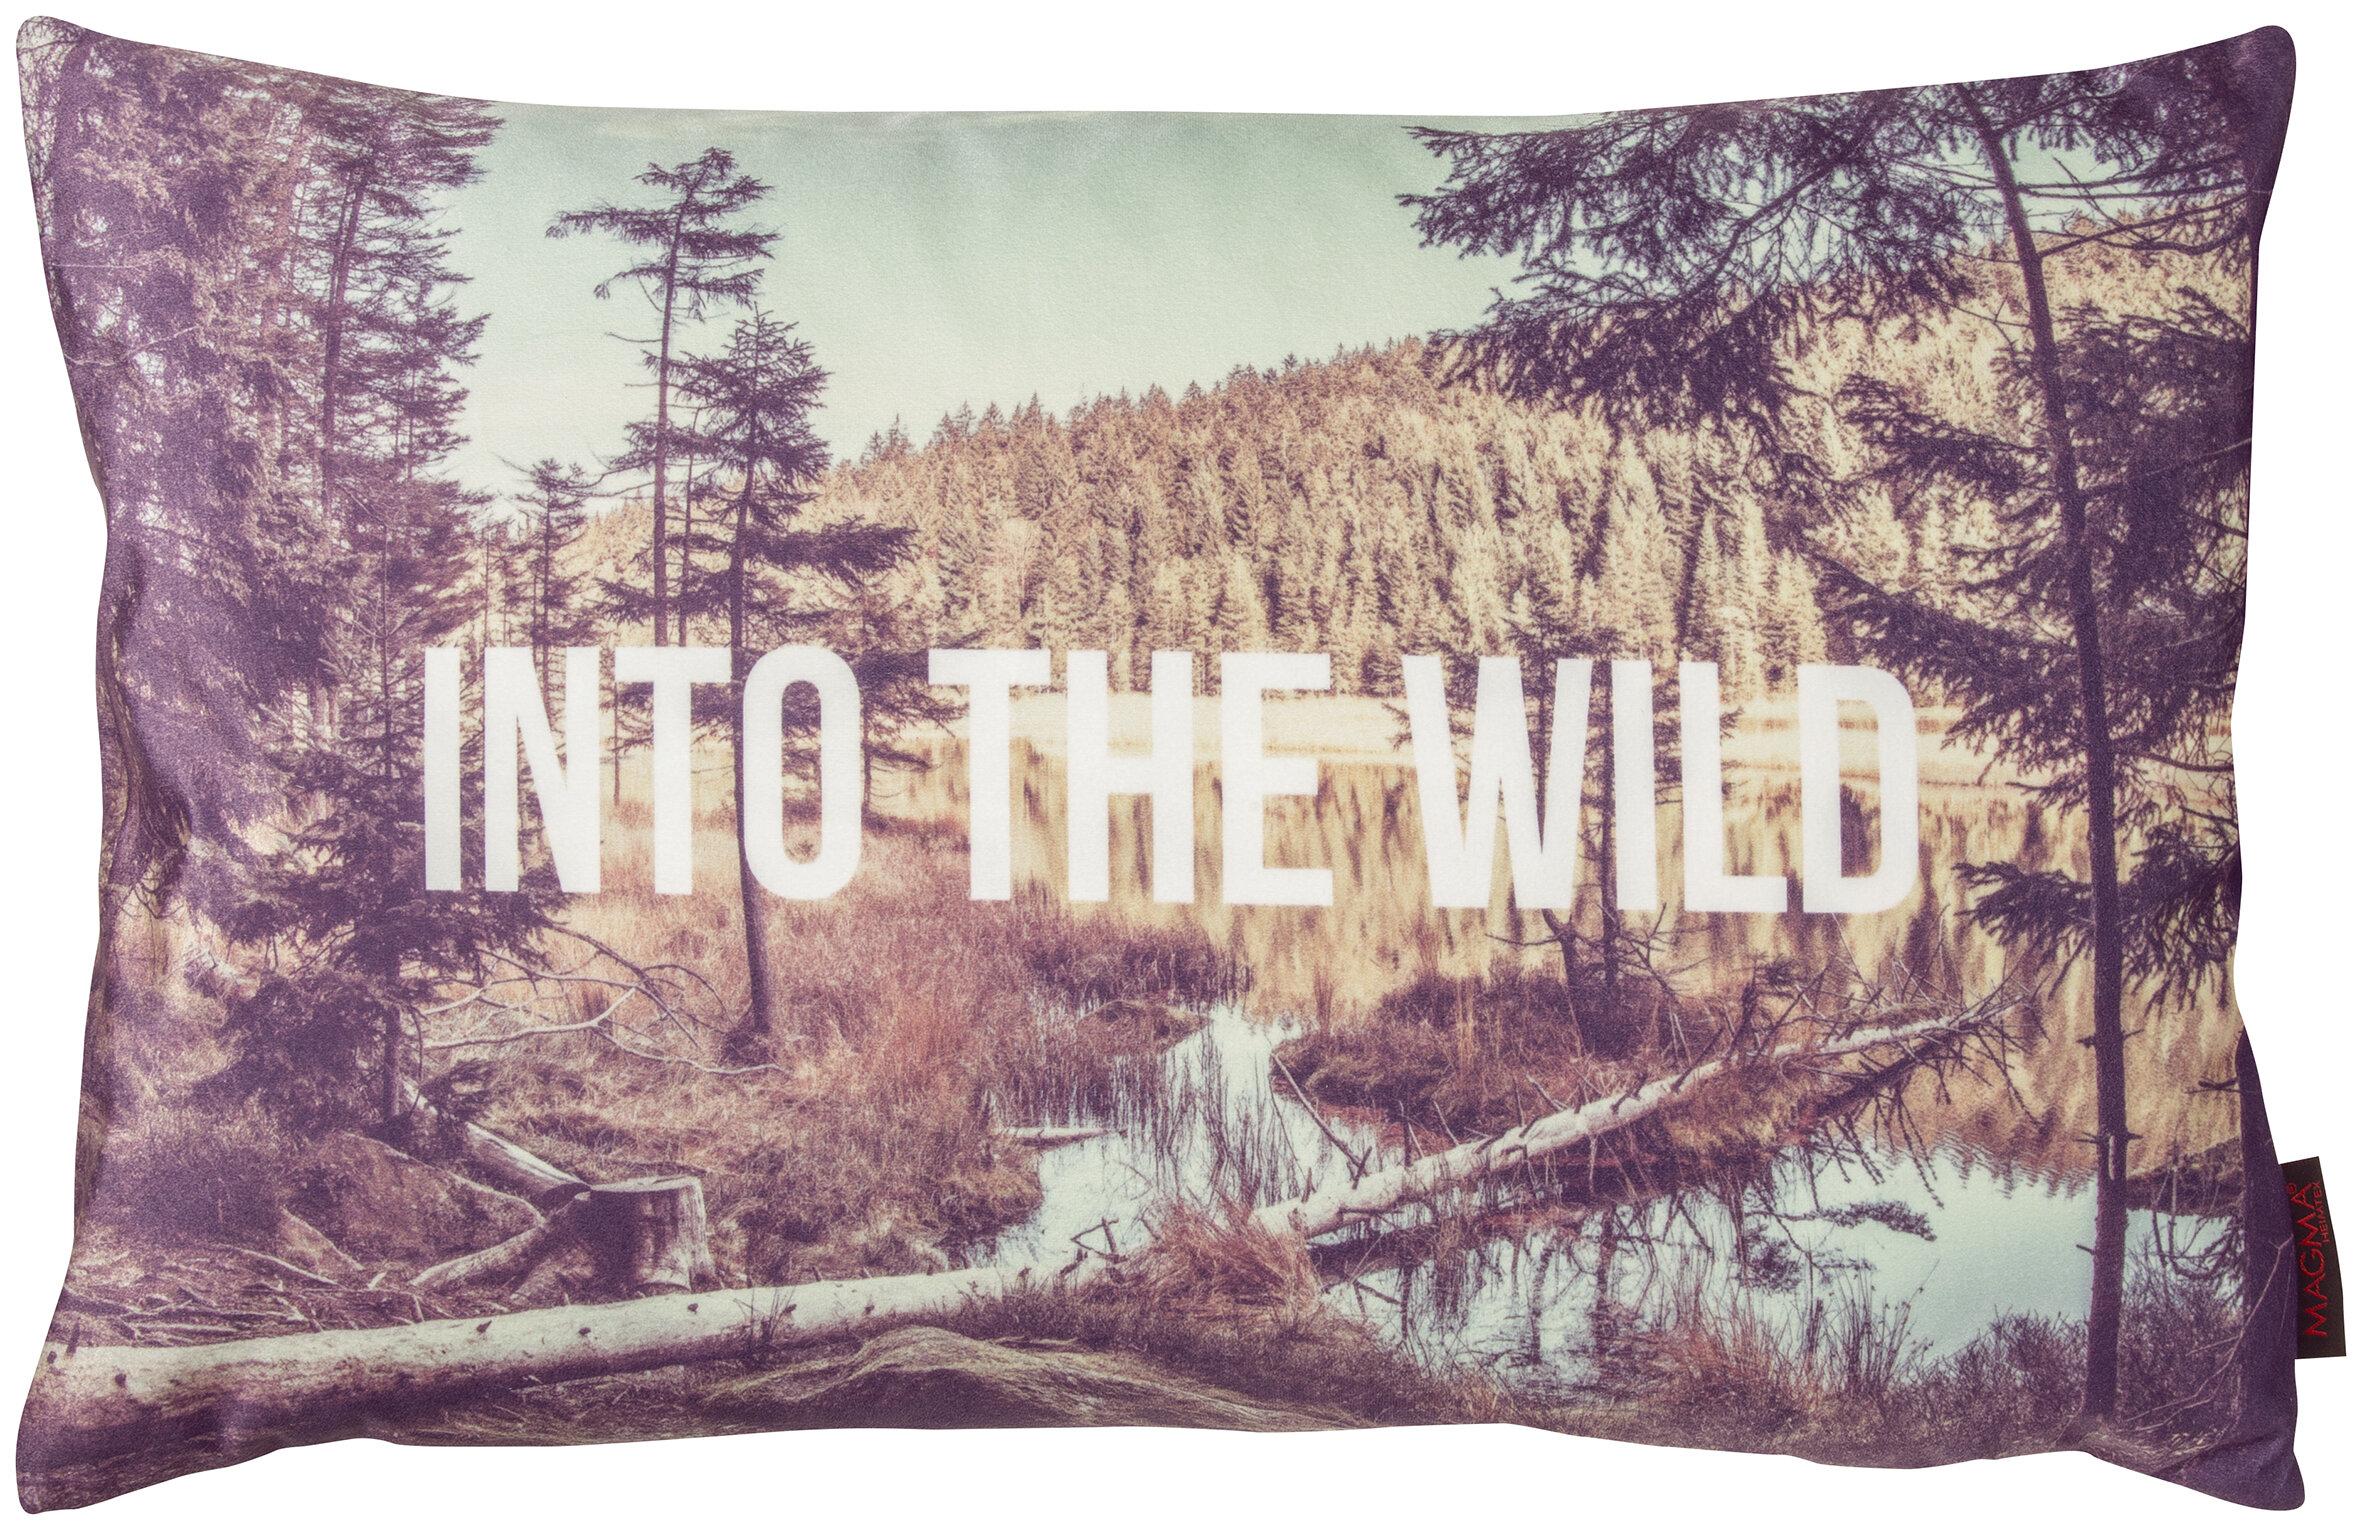 Gouchee Home Into The Wild Forest Lumbar Pillow Wayfair